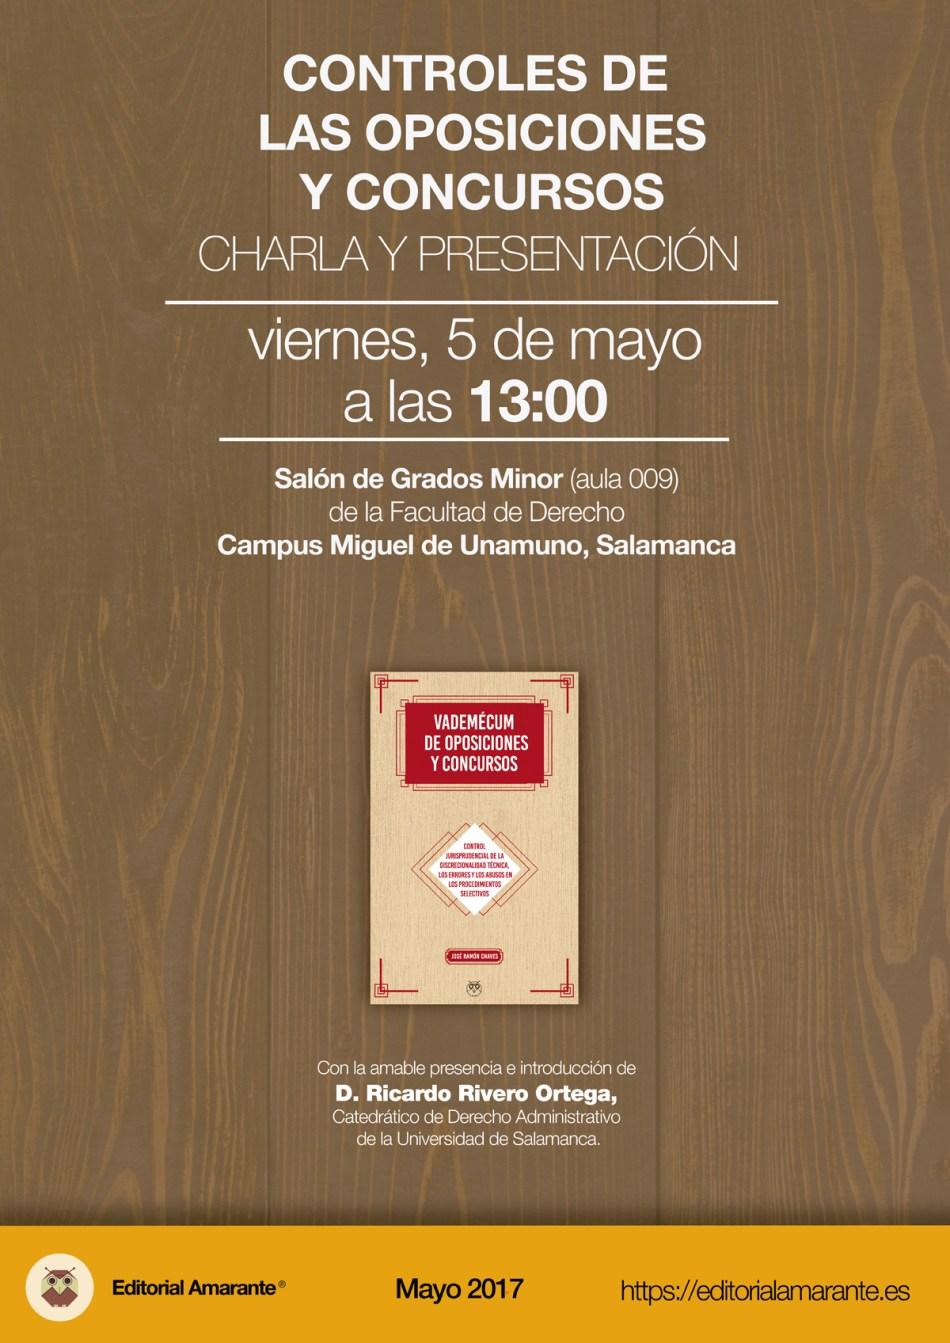 Editorial Amarante - Jose Ramon Chaves - Vademecum de oposiciones y concursos - 05-05-2017